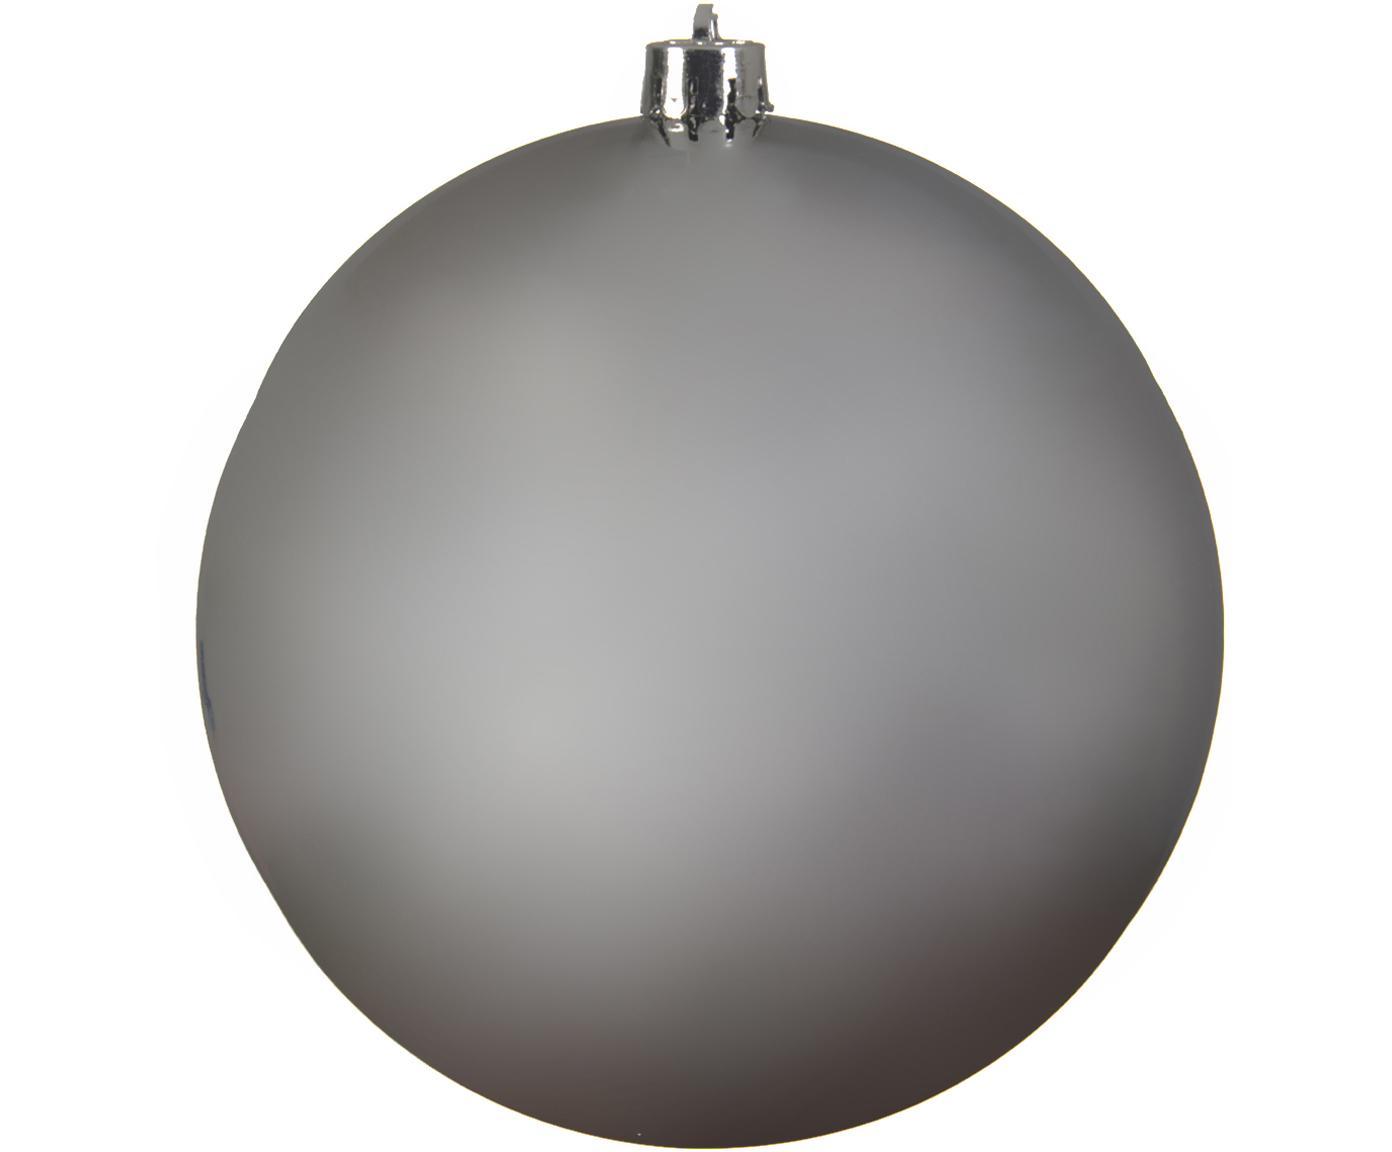 Kerstbal Minstix, Kunststof, Zilverkleurig, Ø 20 cm